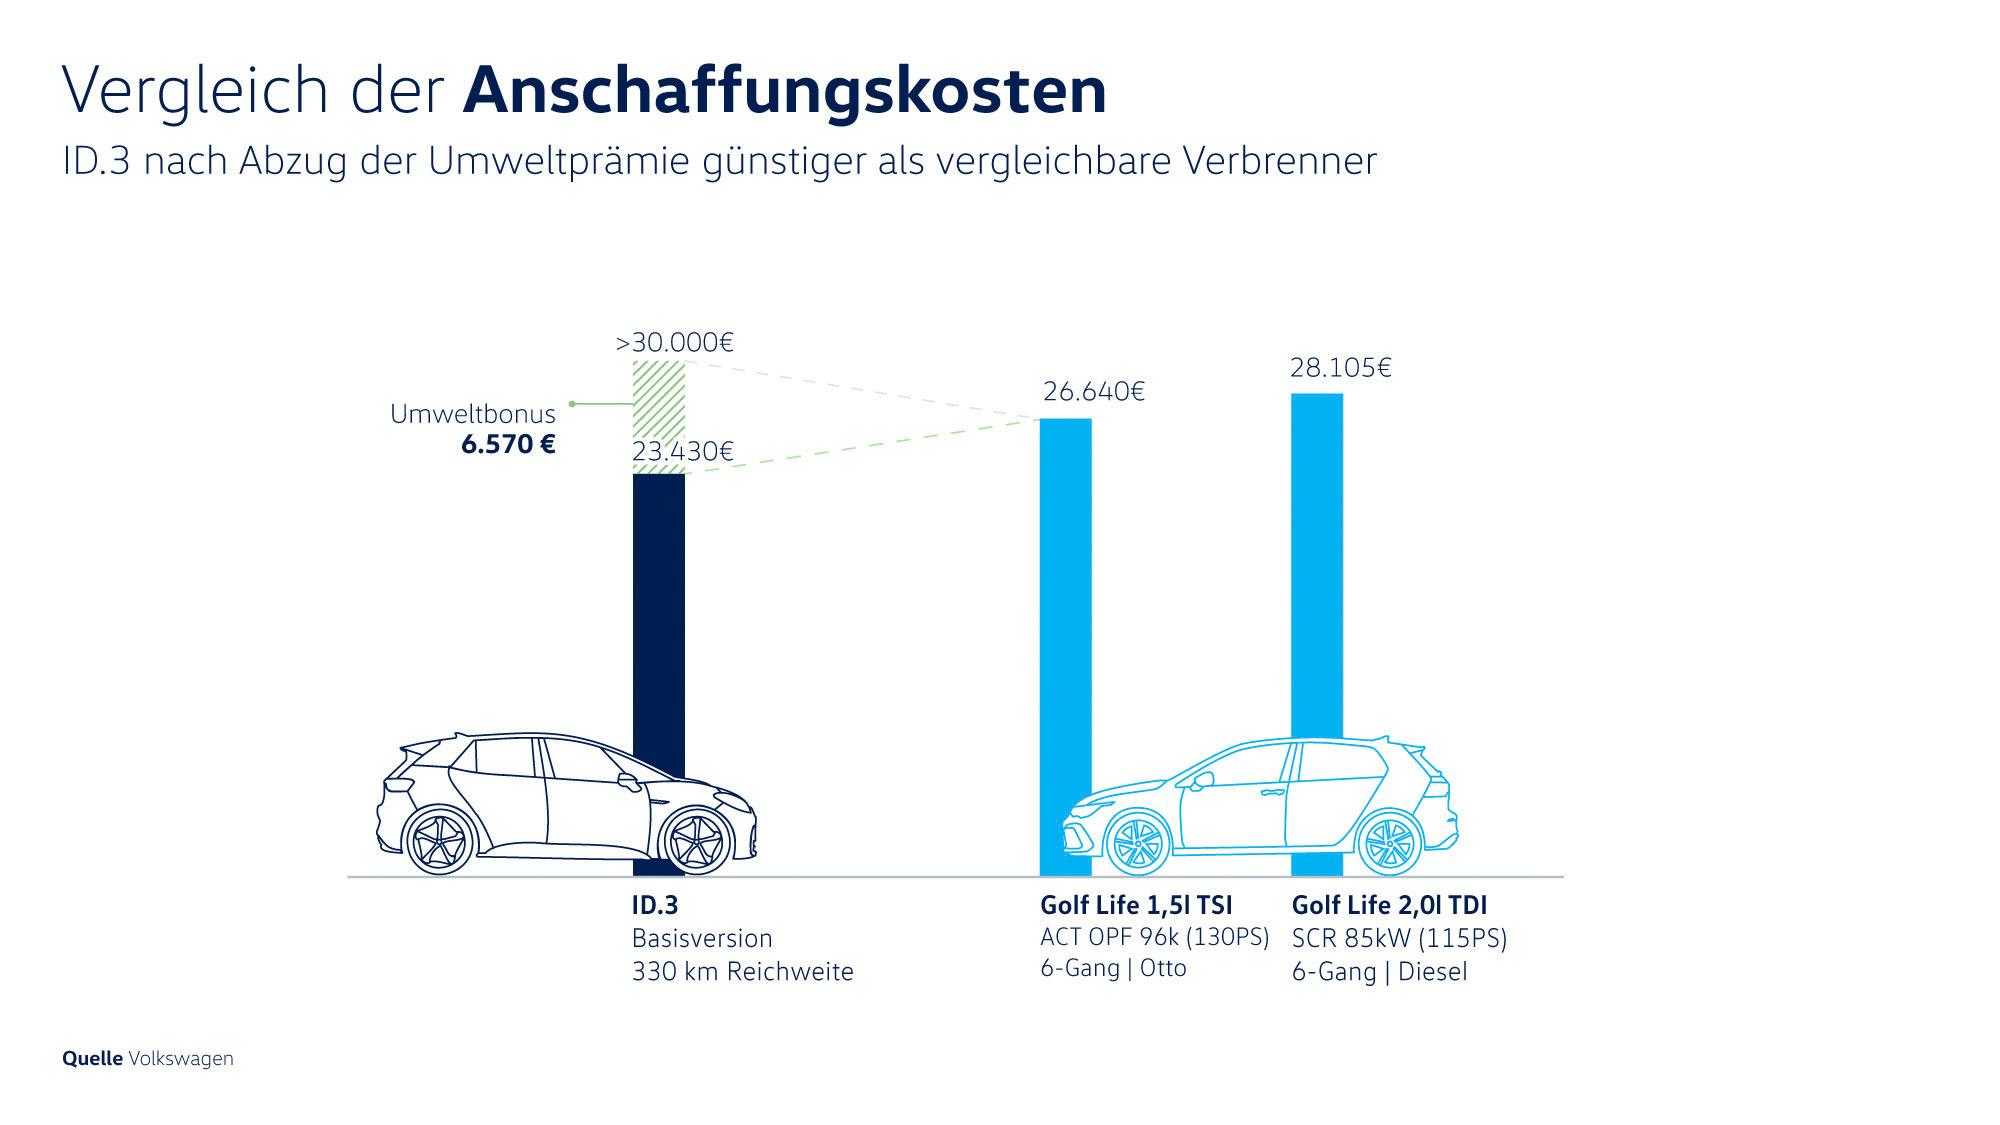 Vergleich-der-Anschaffungskosten